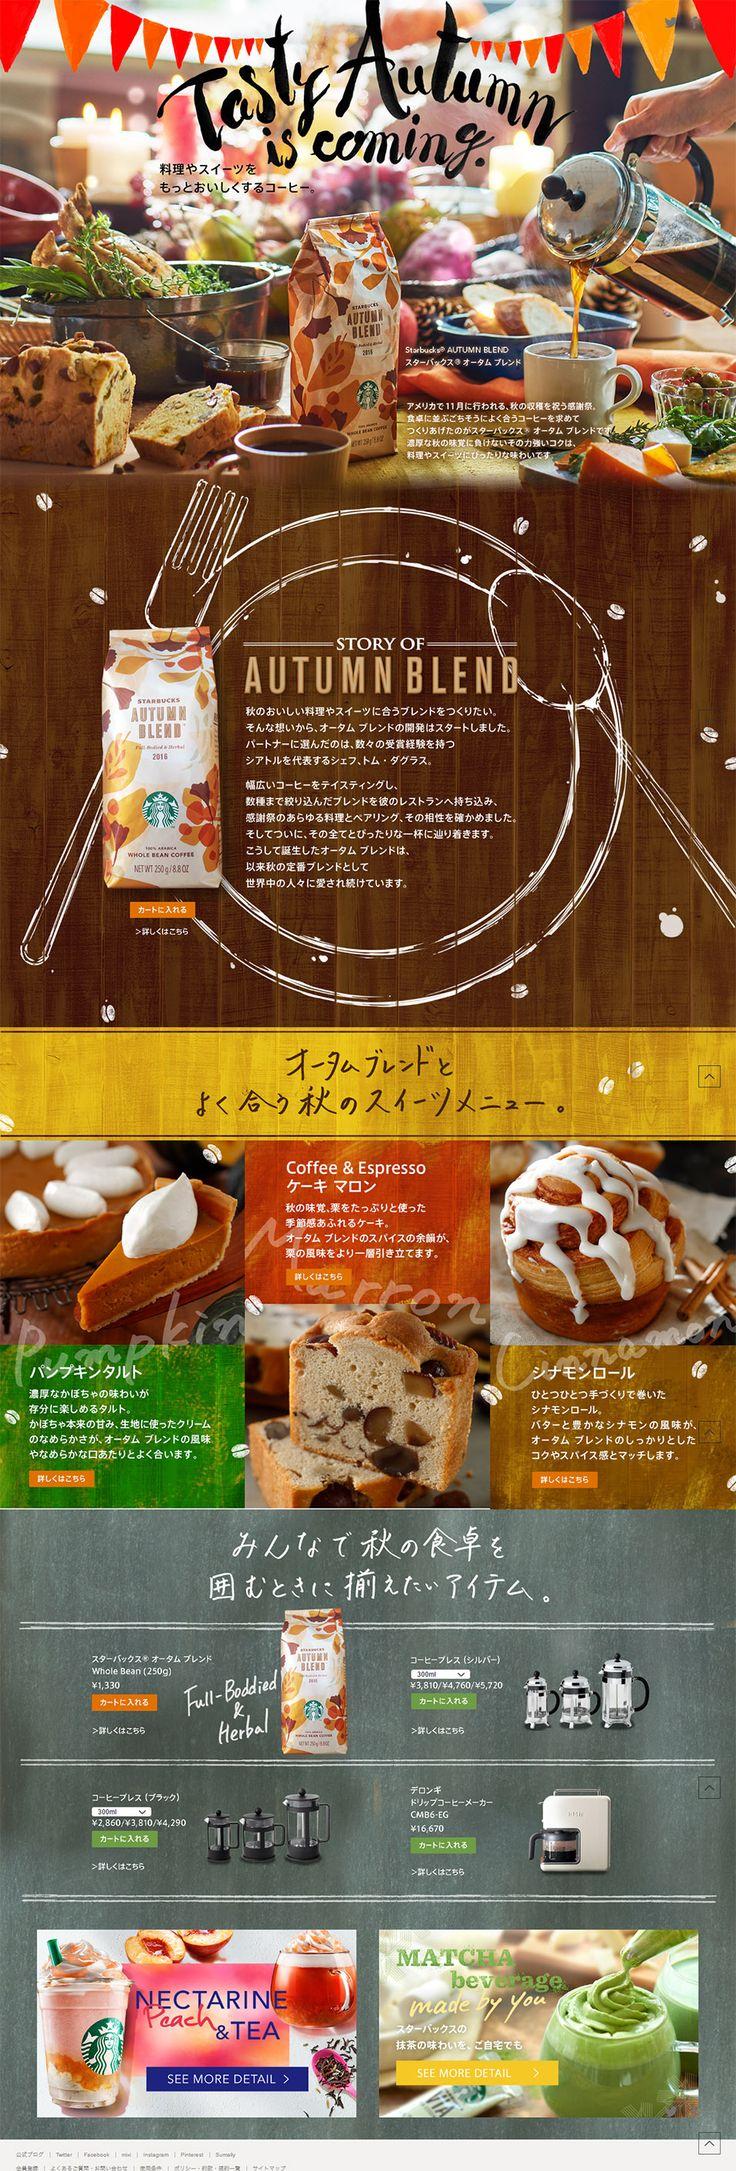 季節のコーヒー tasty autumn is coming